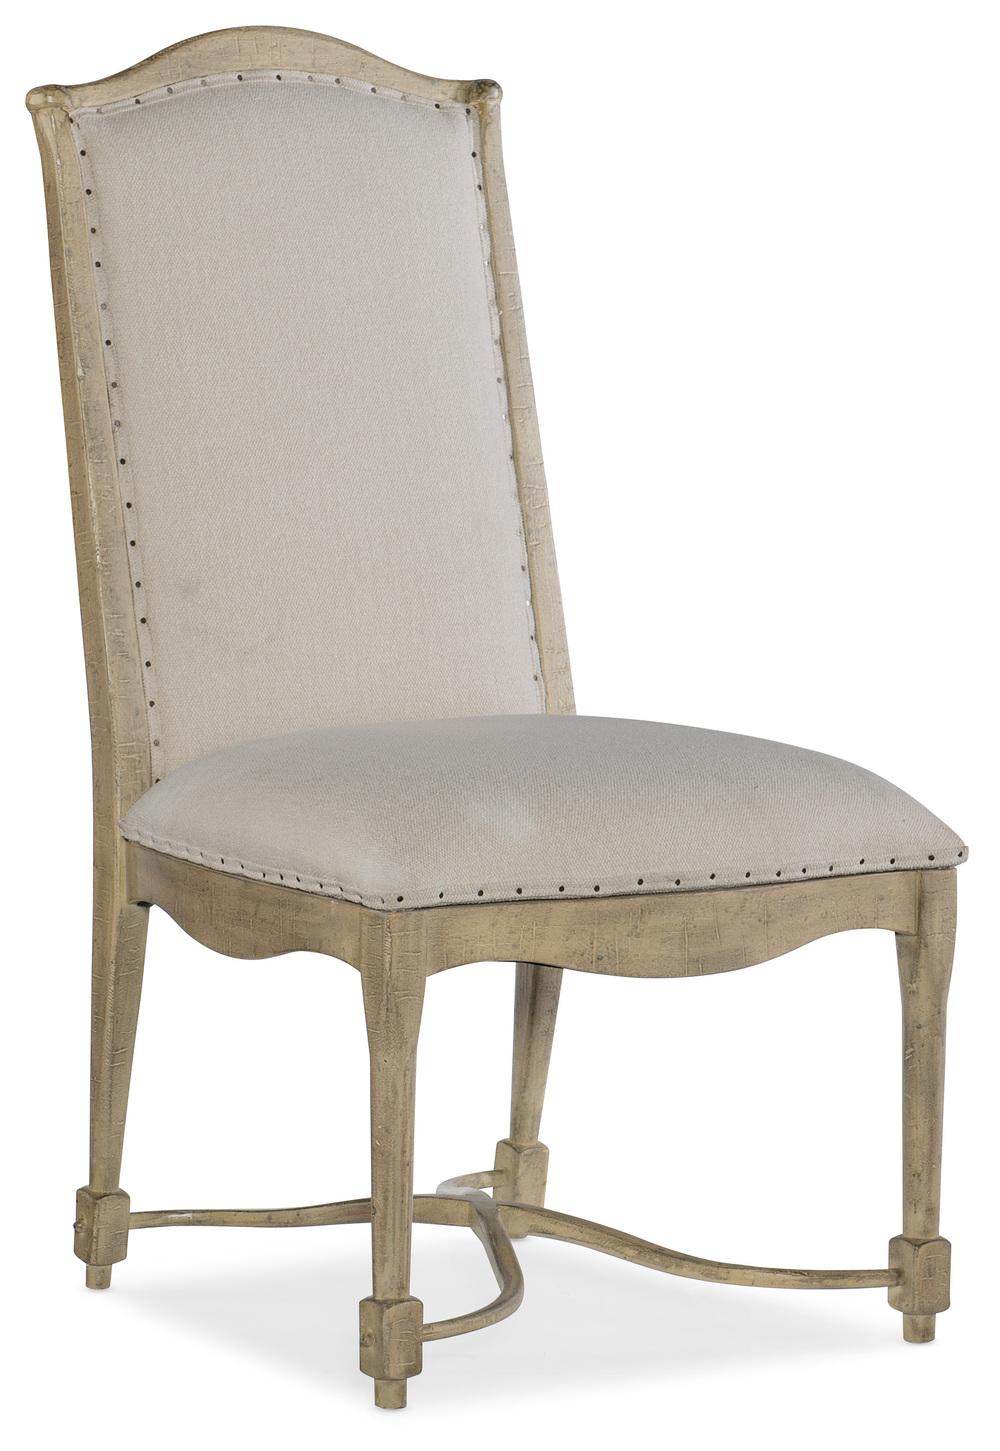 HOOKER FURNITURE CO - Upholstered Back Side Chair